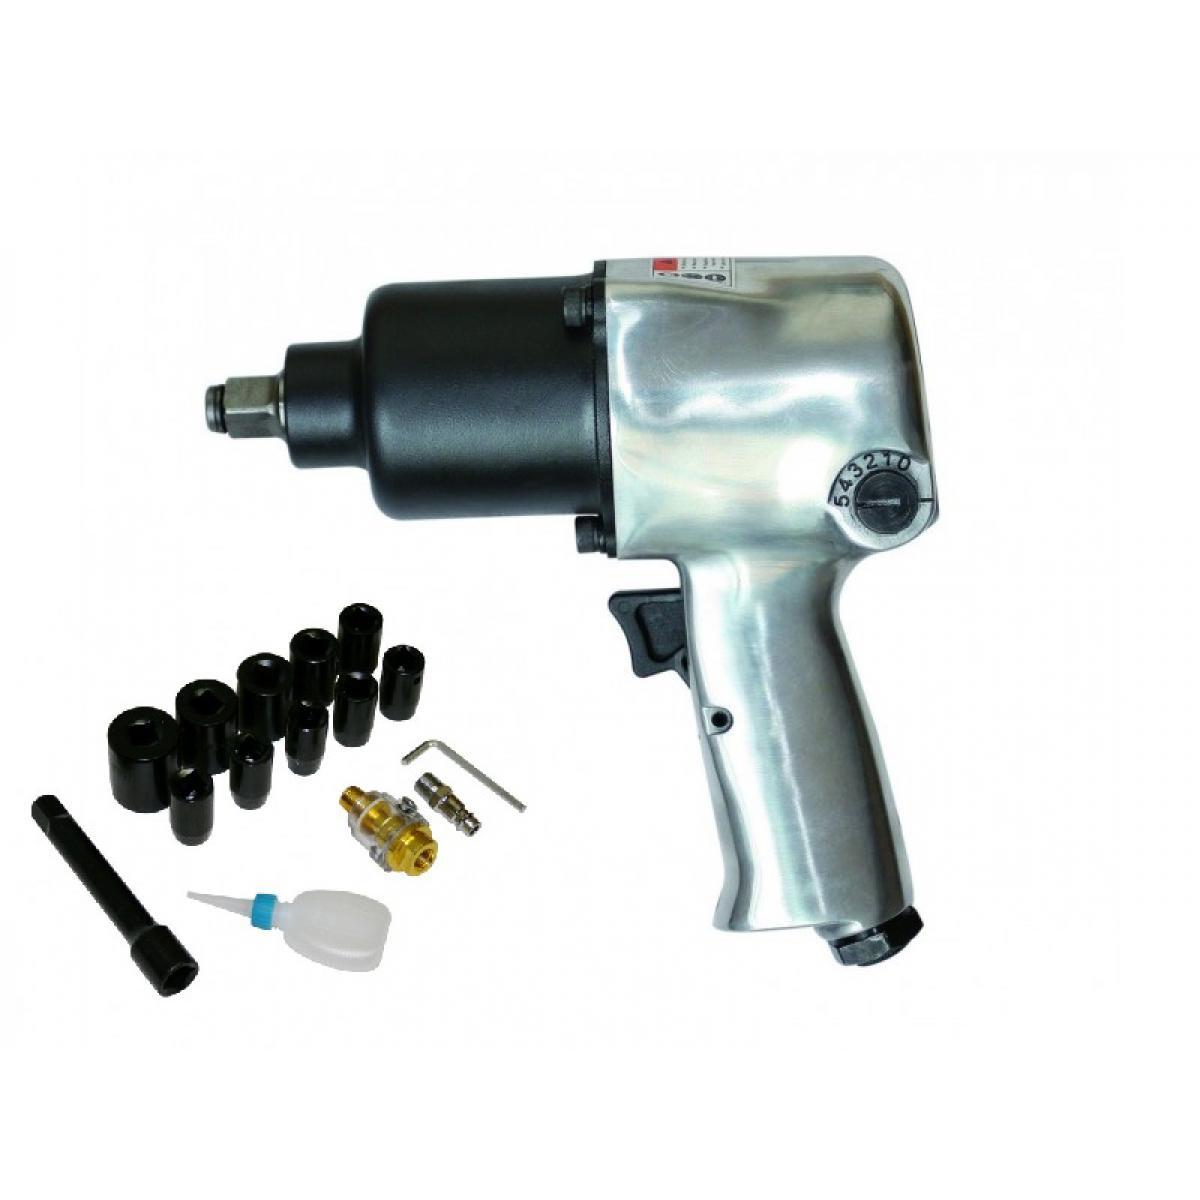 Varanmotors SPT-10303k Coffret Clé à chocs Pneumatique 1/2'' 576Nm, 17 pièces, Visseuse Pneumatique